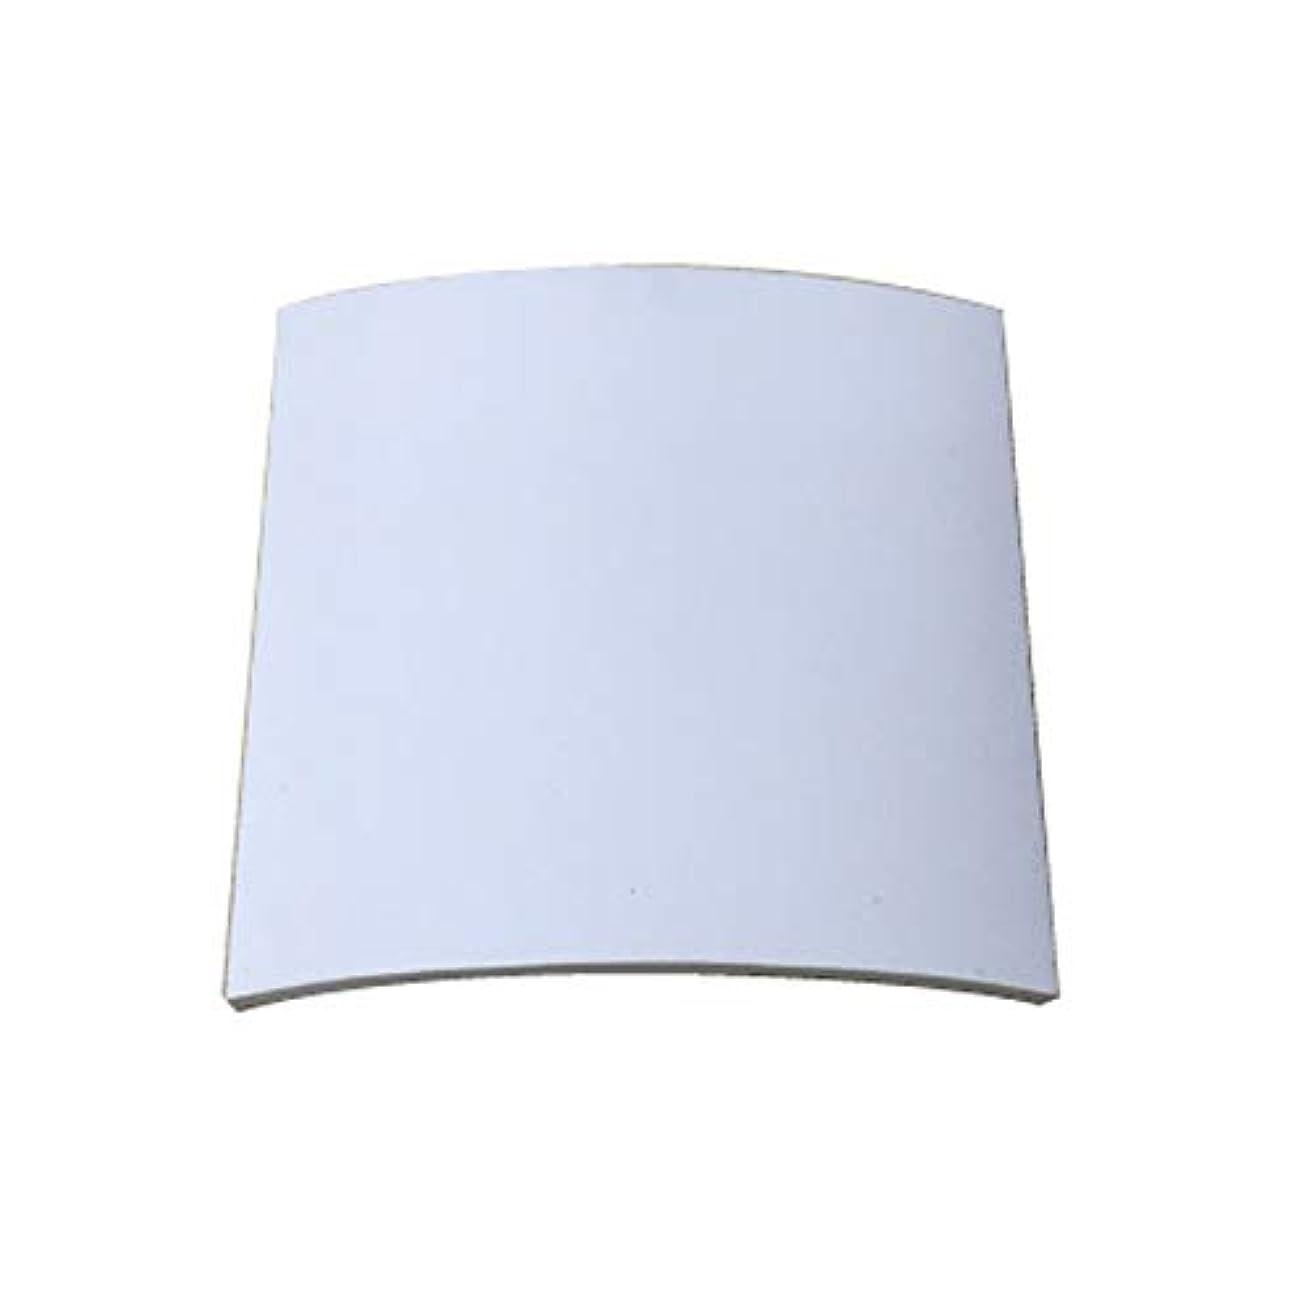 中性経過王室エチレンプロピレンゴム白色 6T×1m×20m EP-5165-W